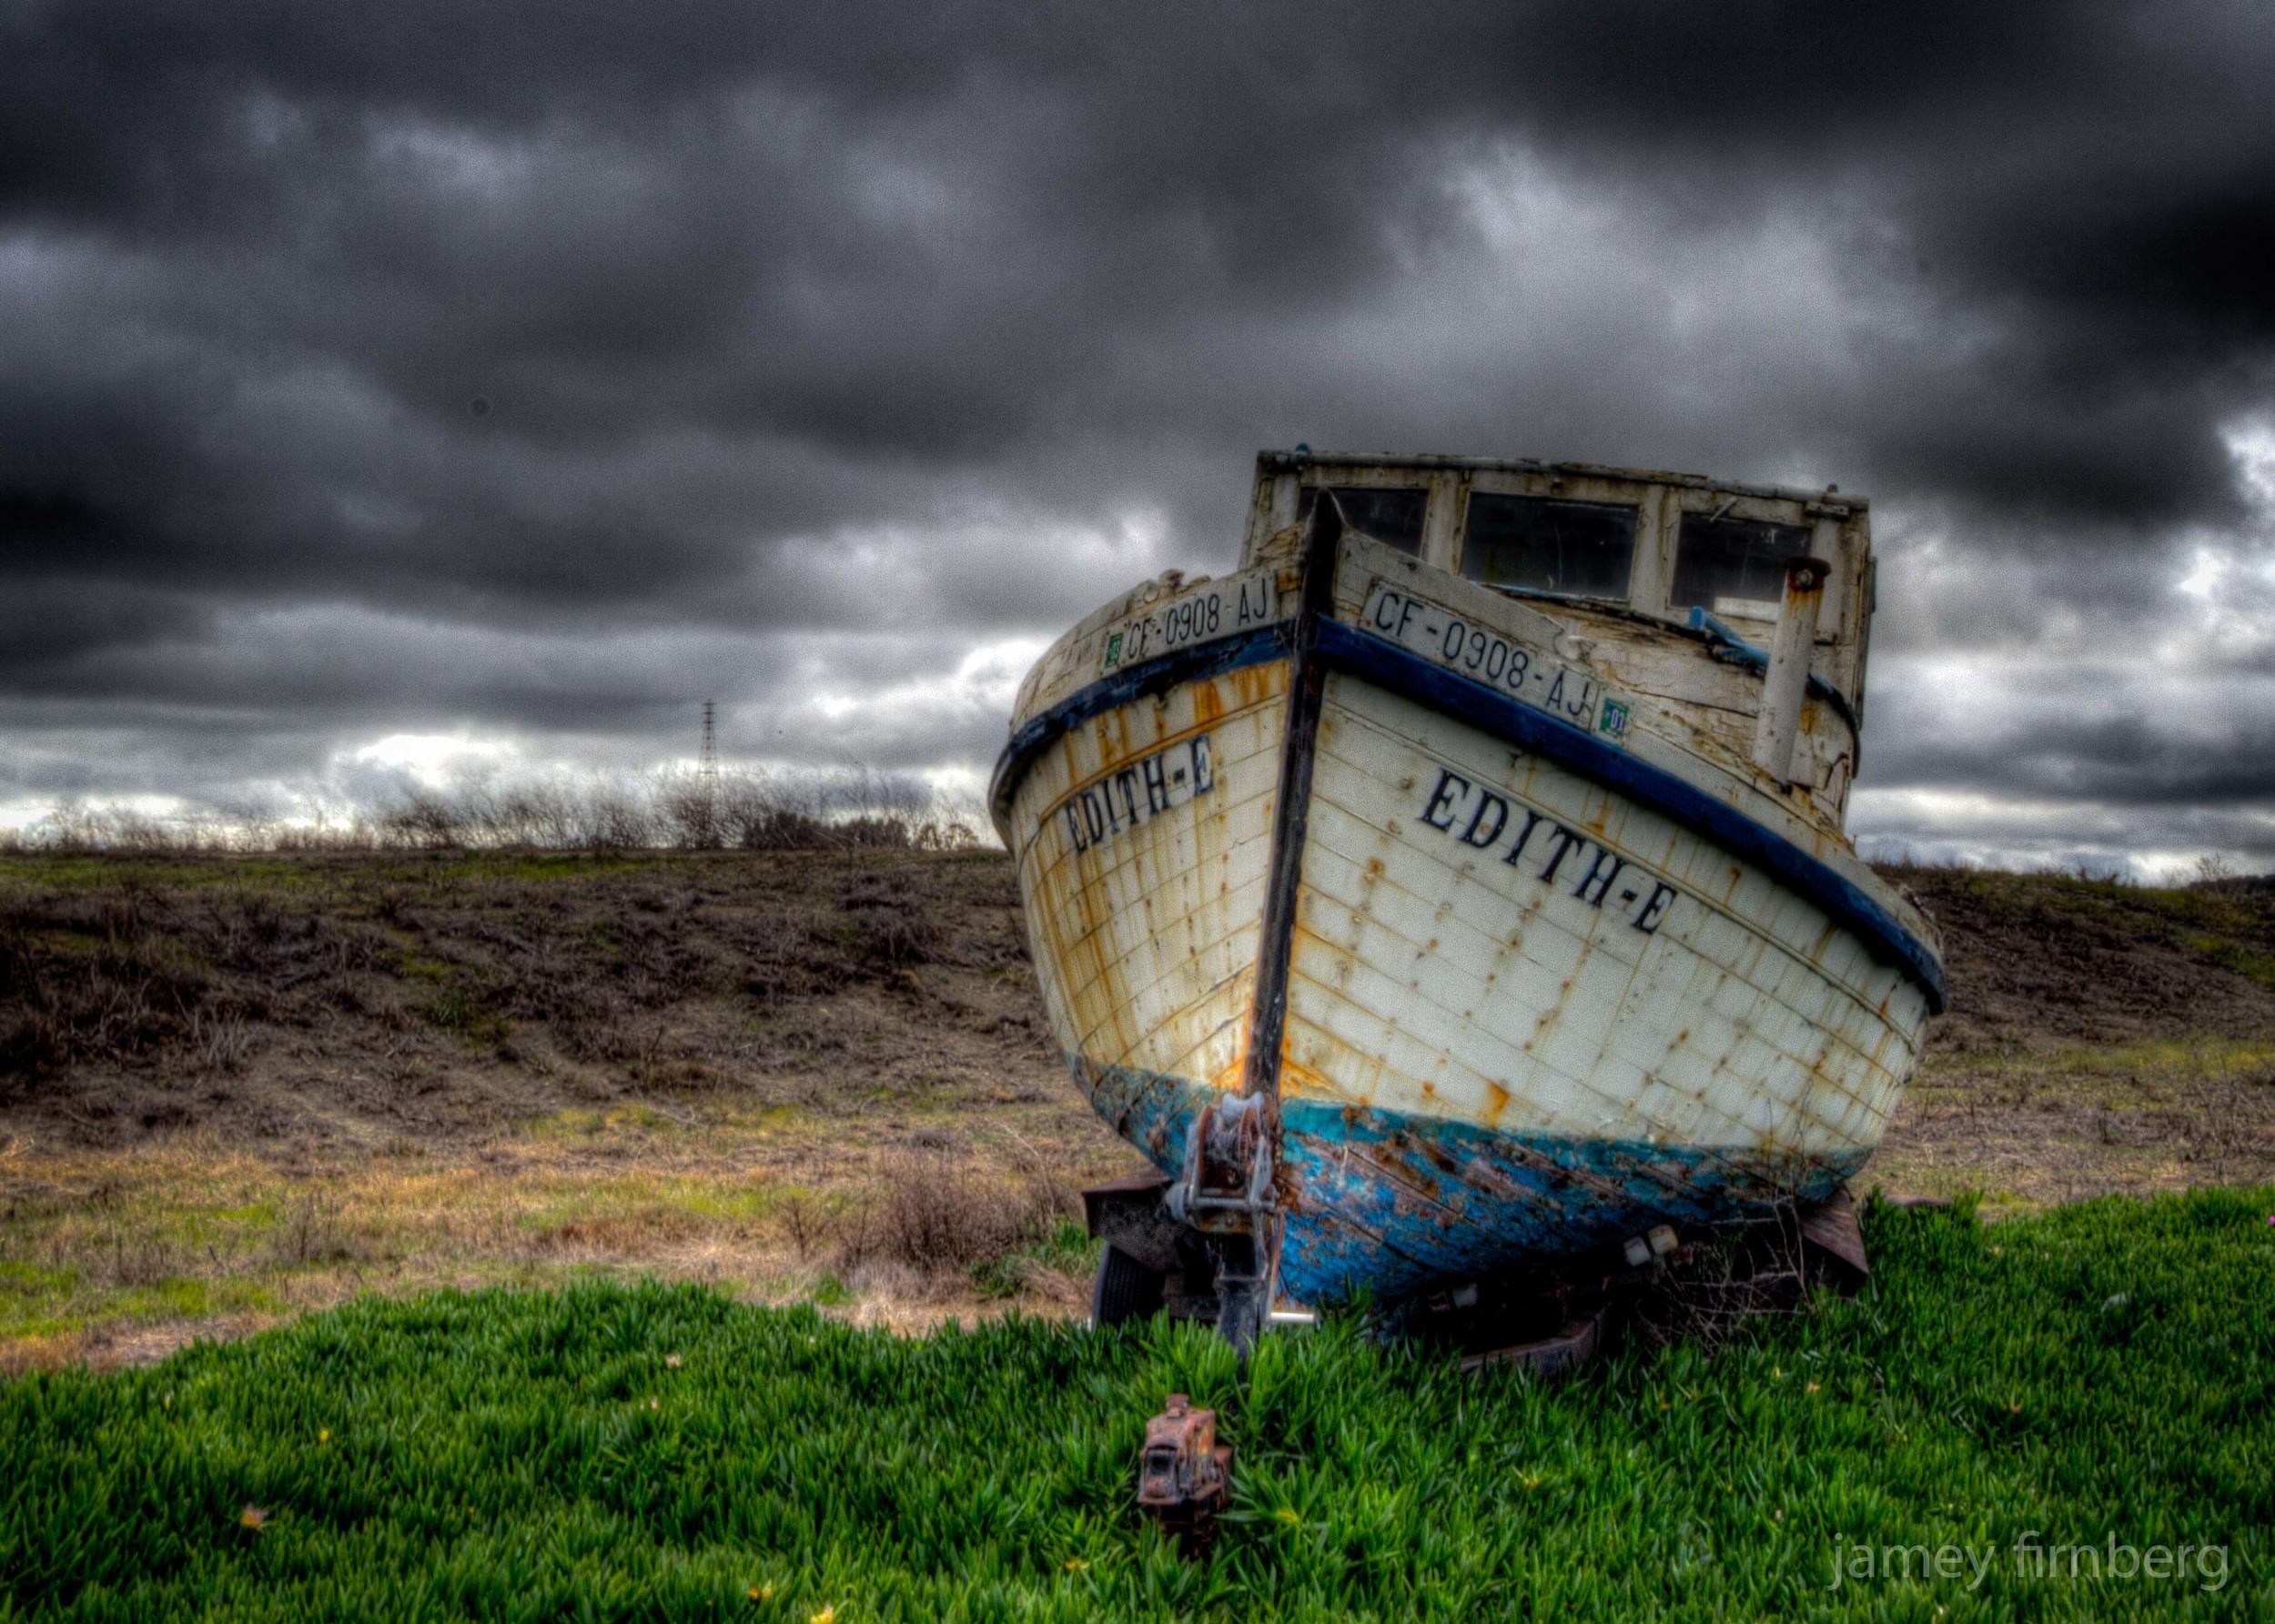 Sonoma_Boat-4.jpg